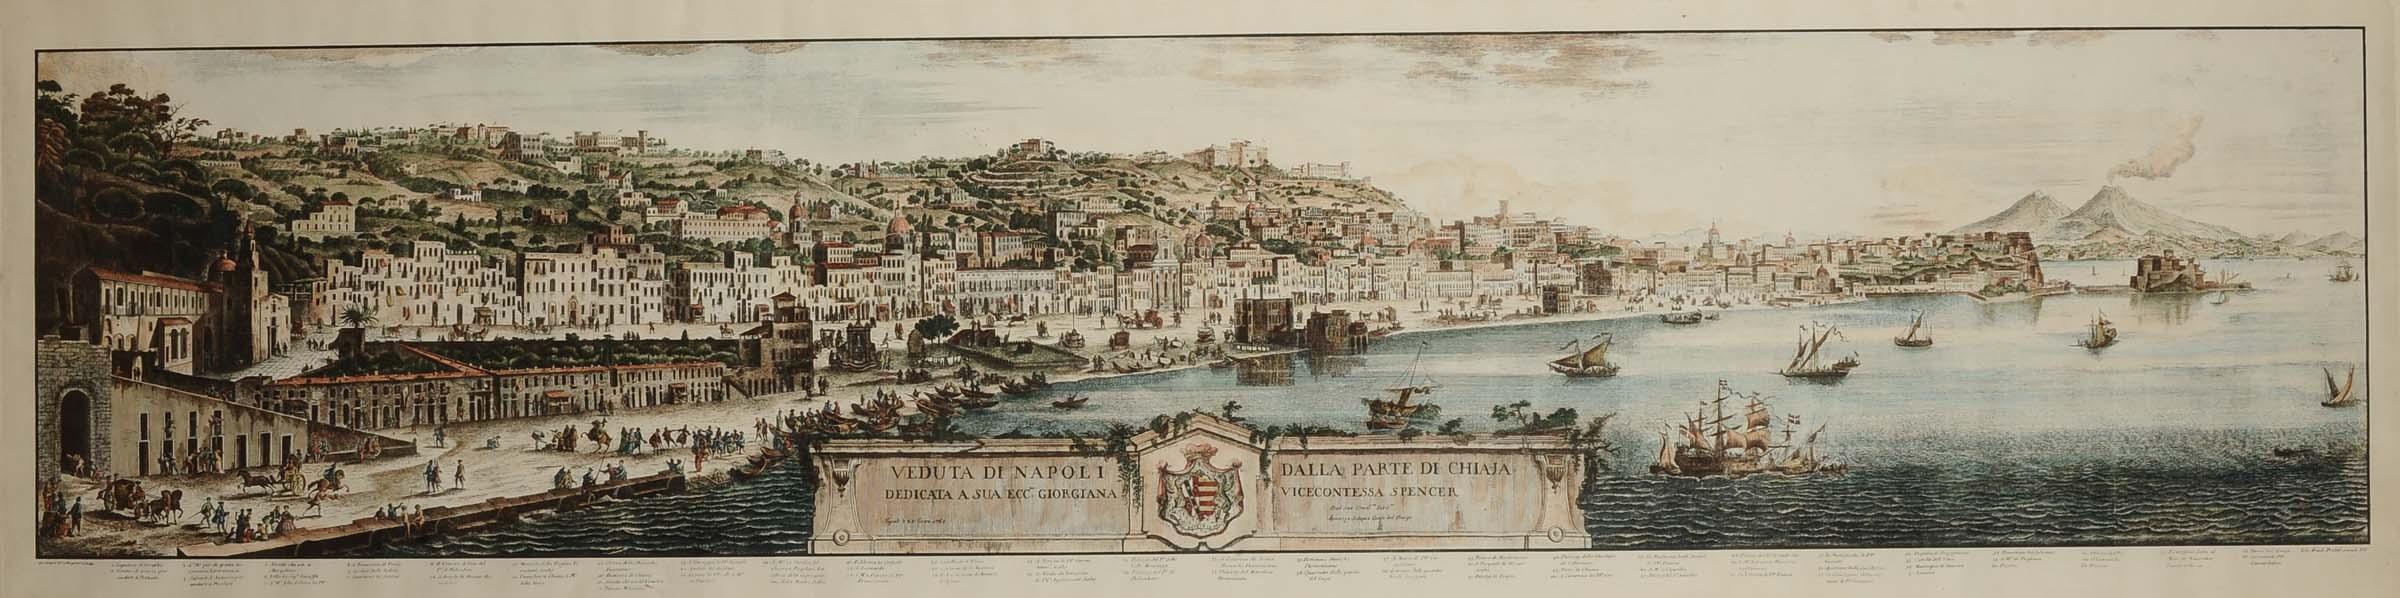 7b San Leonardo D'Orio Ignazio Sclopis 1727-1793